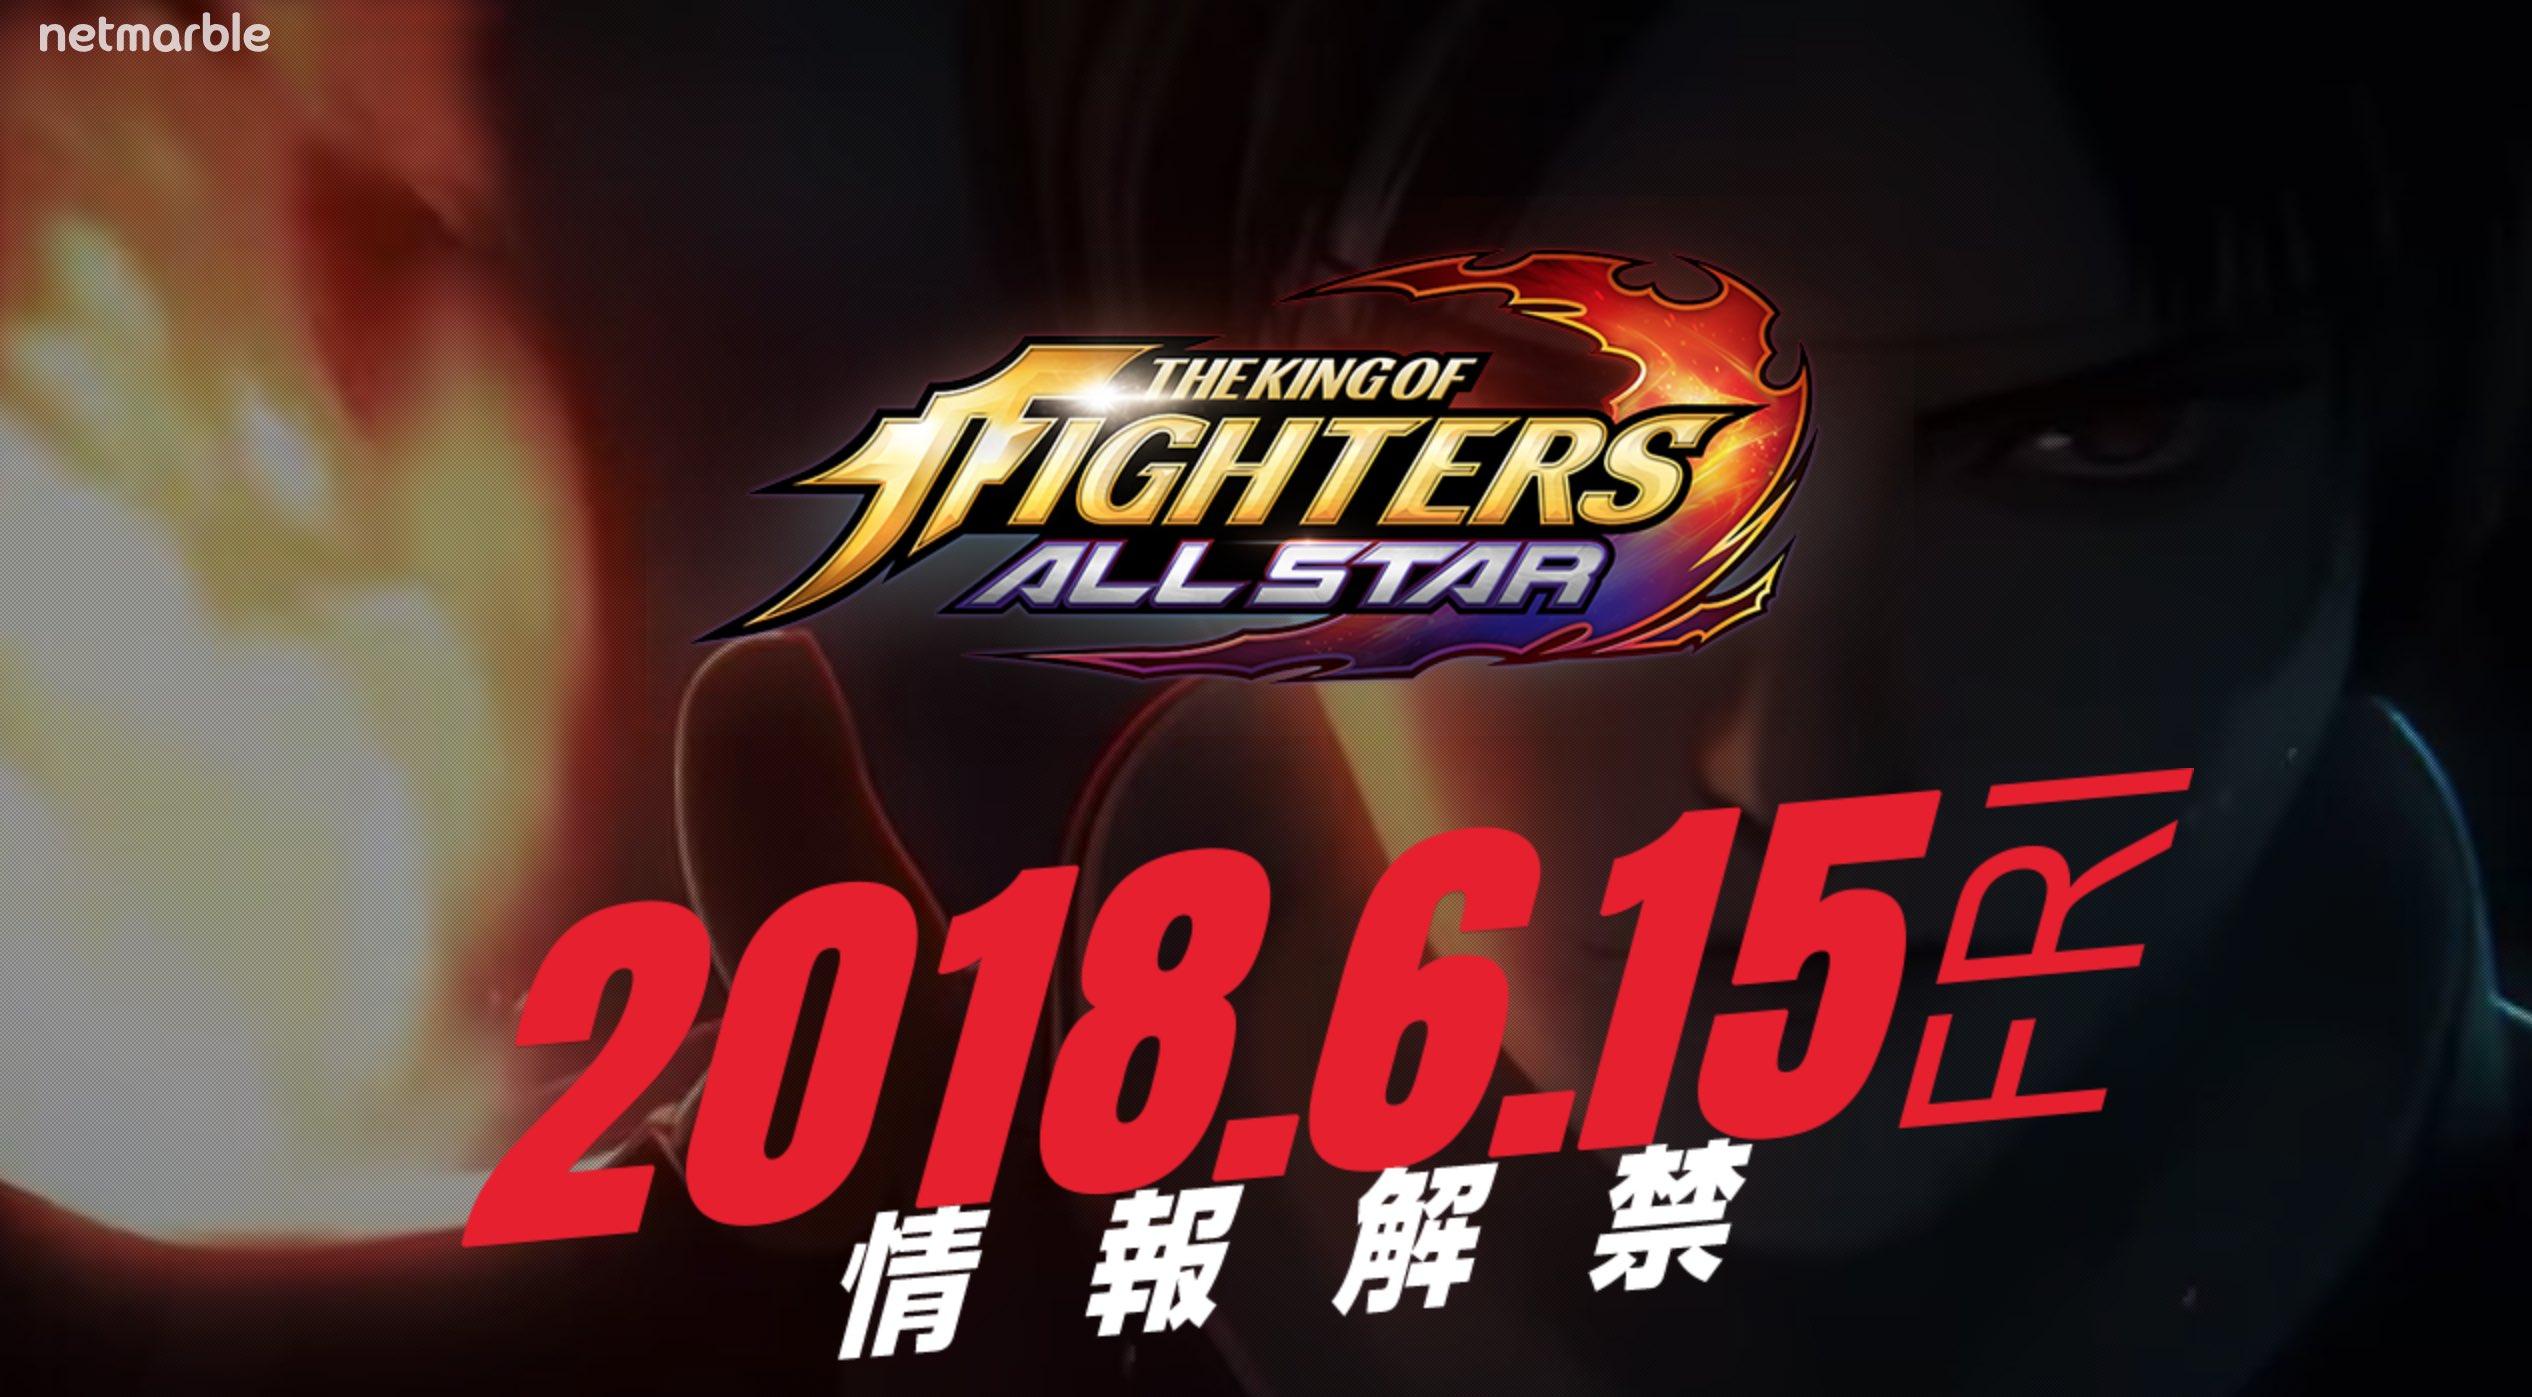 《拳皇 All Star》企划正式全面启动,确定6月15日情报解禁